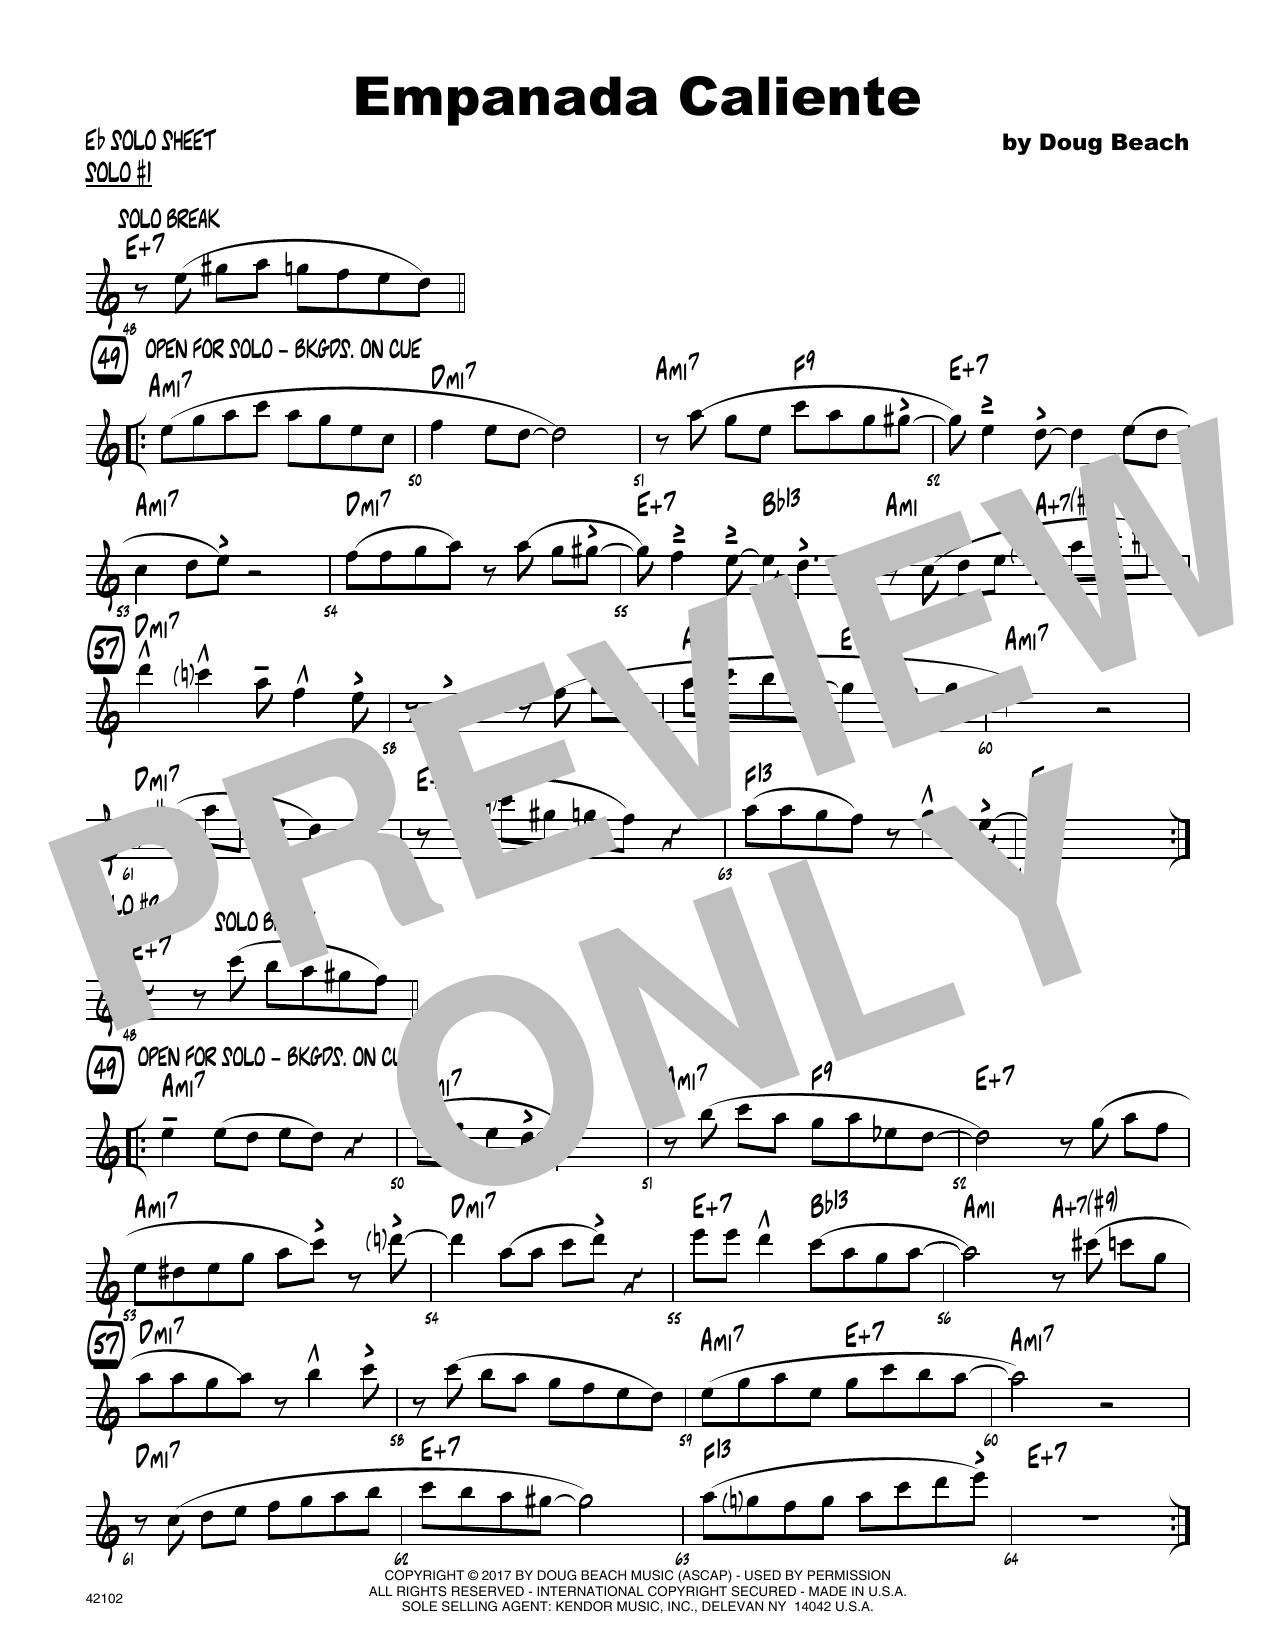 Empanada Caliente - Solo Sheet - Alto Sax